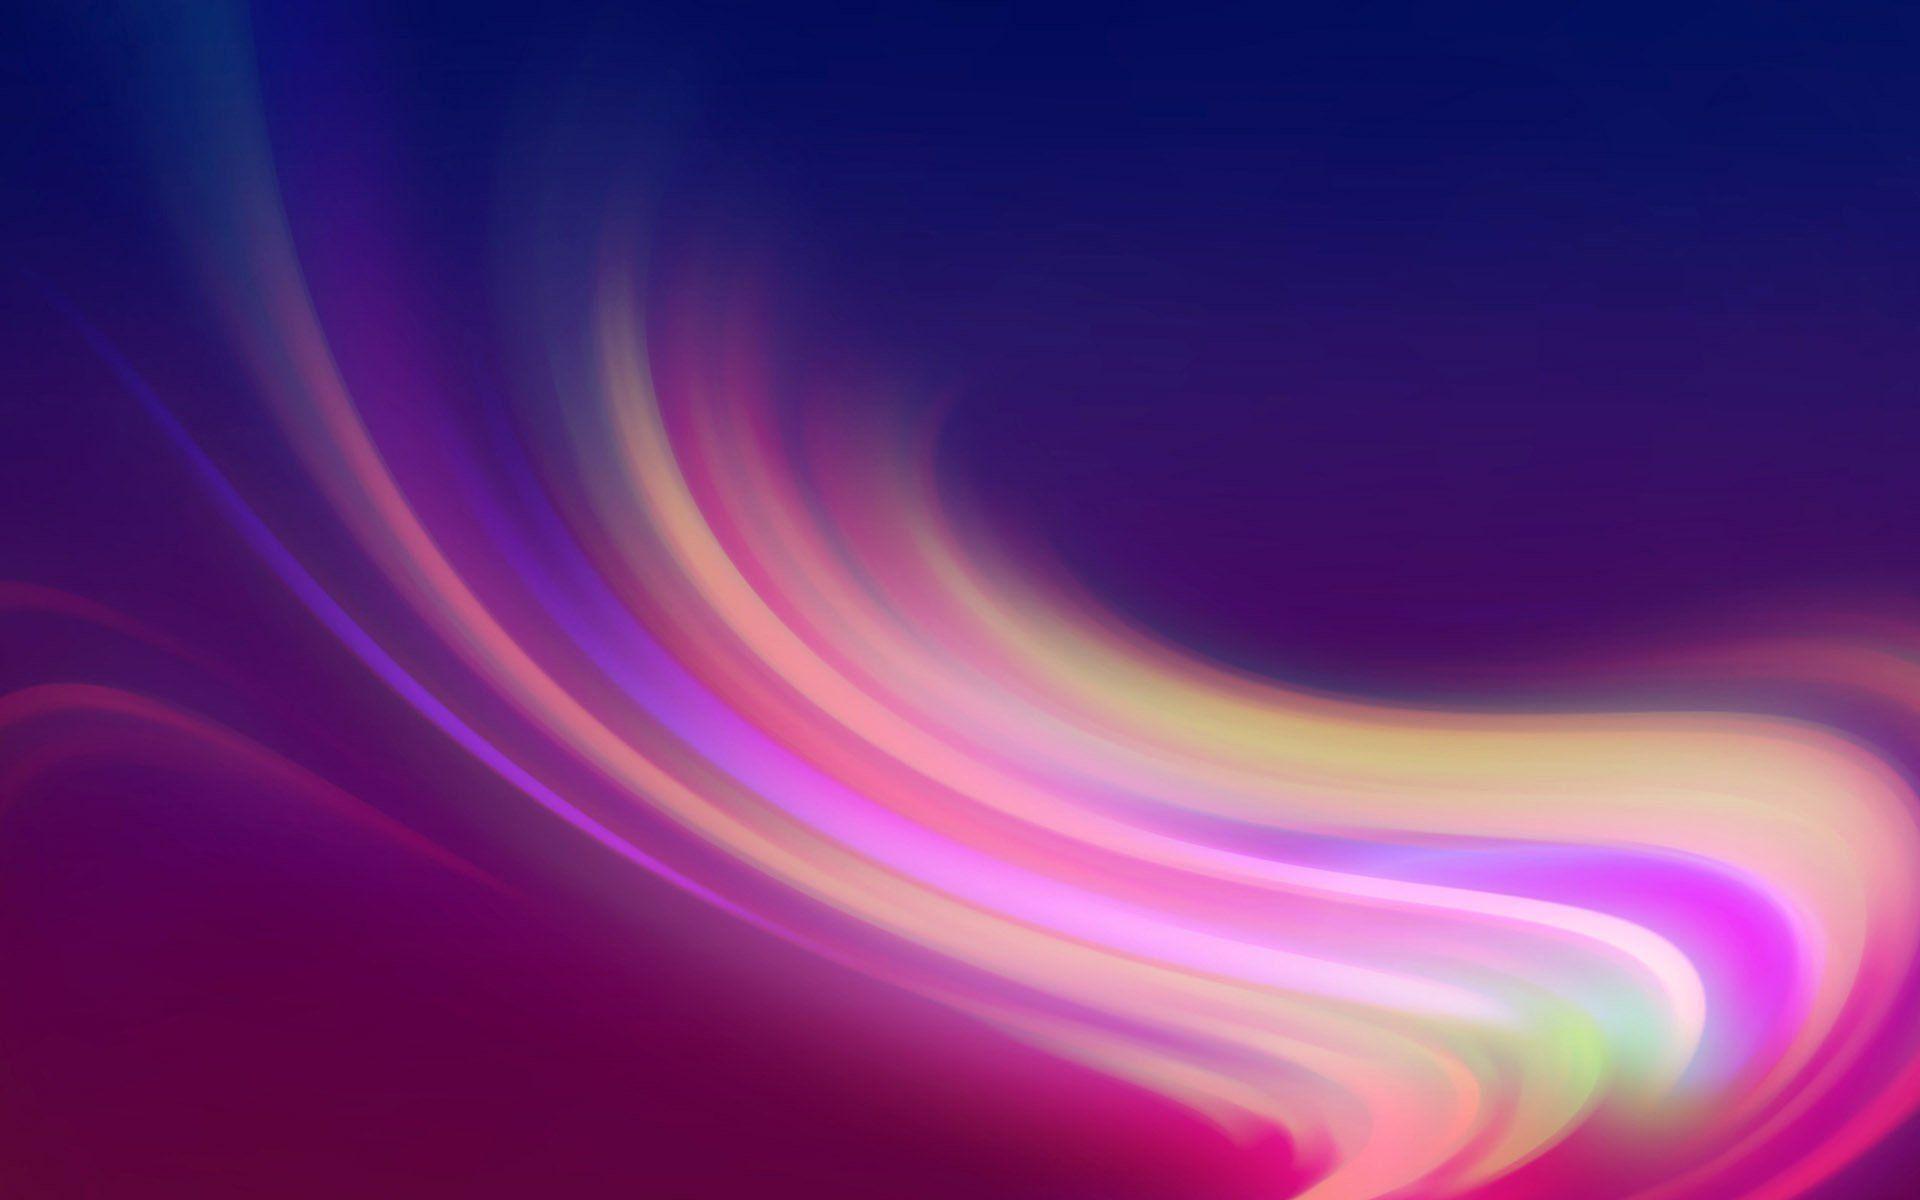 Purple Iphone 6 Wallpaper 14276 Wallpaper: Purple Wallpaper For Phone ·① WallpaperTag